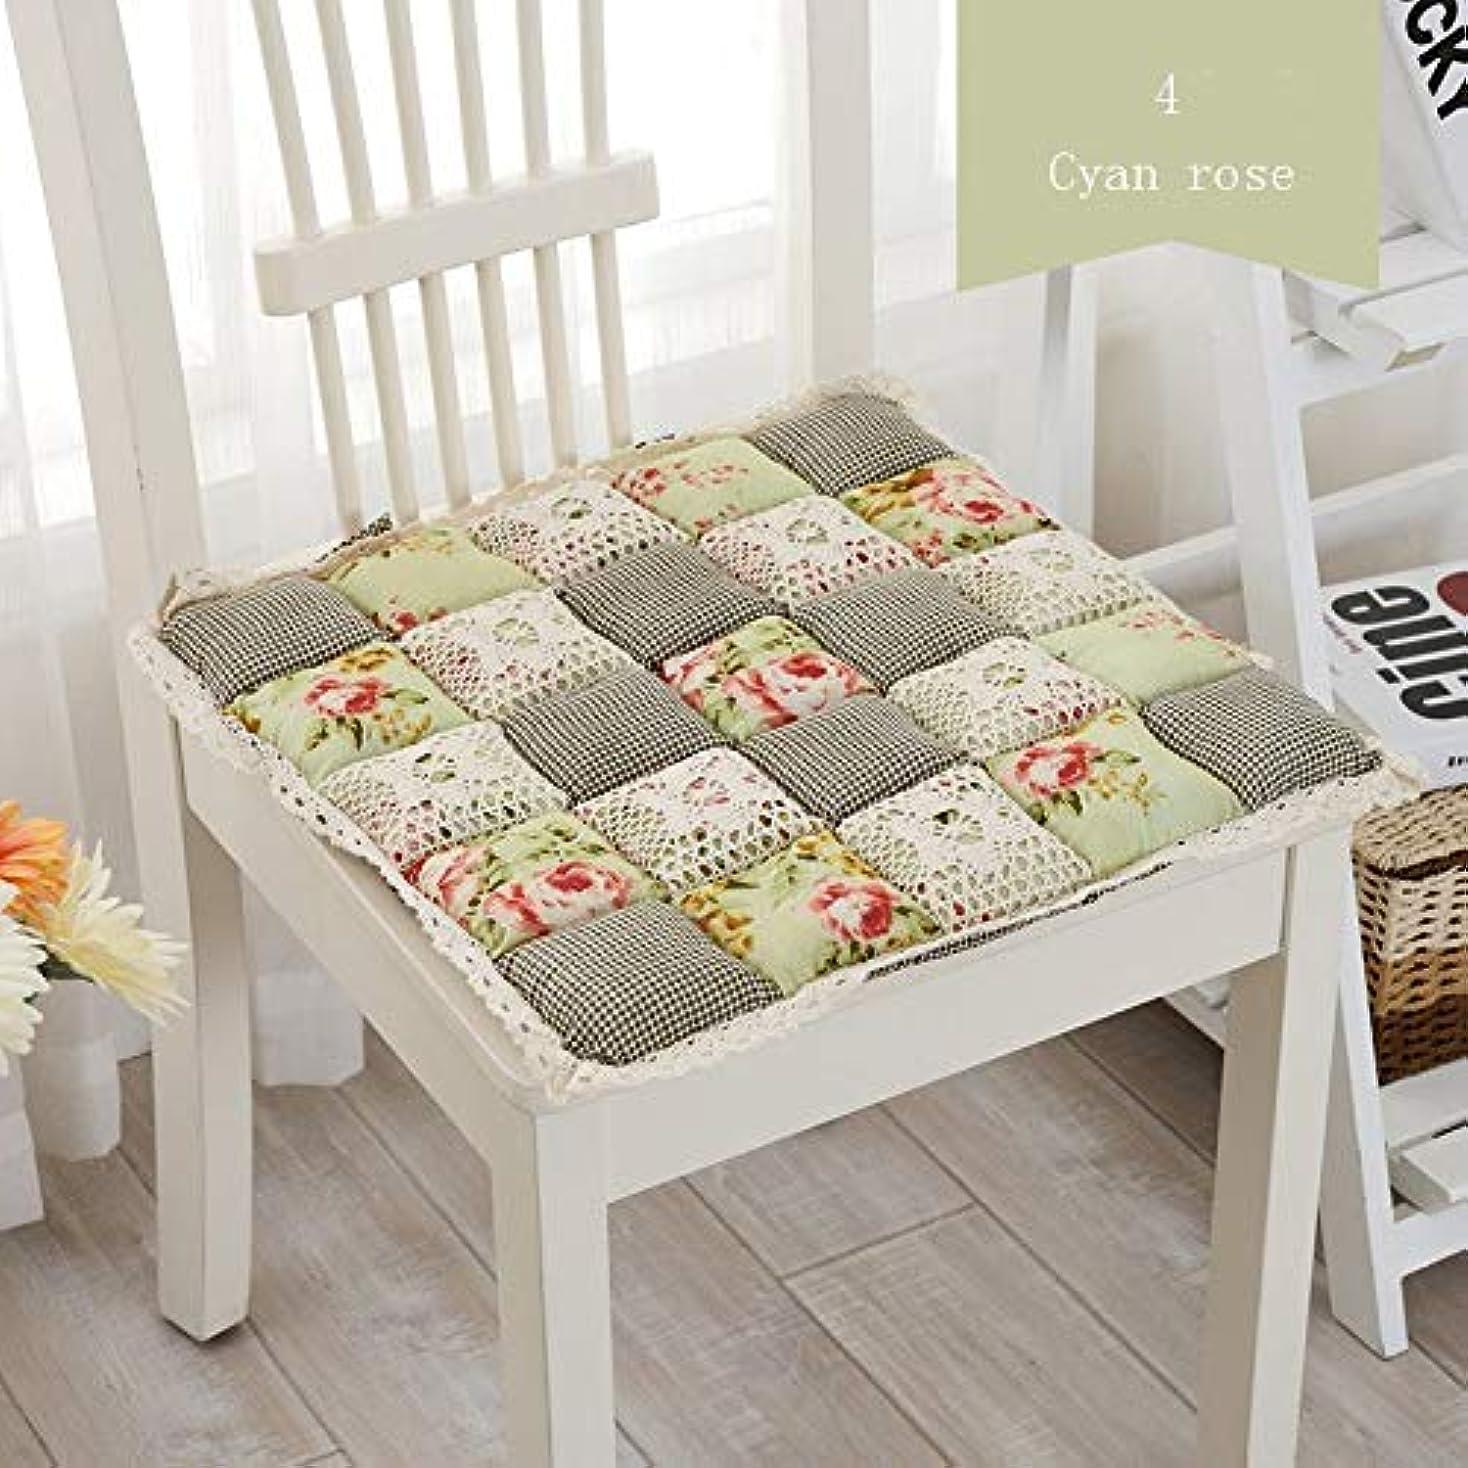 断片希望に満ちたビットLIFE 1 個抗褥瘡綿椅子クッション 24 色ファッションオフィス正方形クッション学生チェアクッション家の装飾厚み クッション 椅子